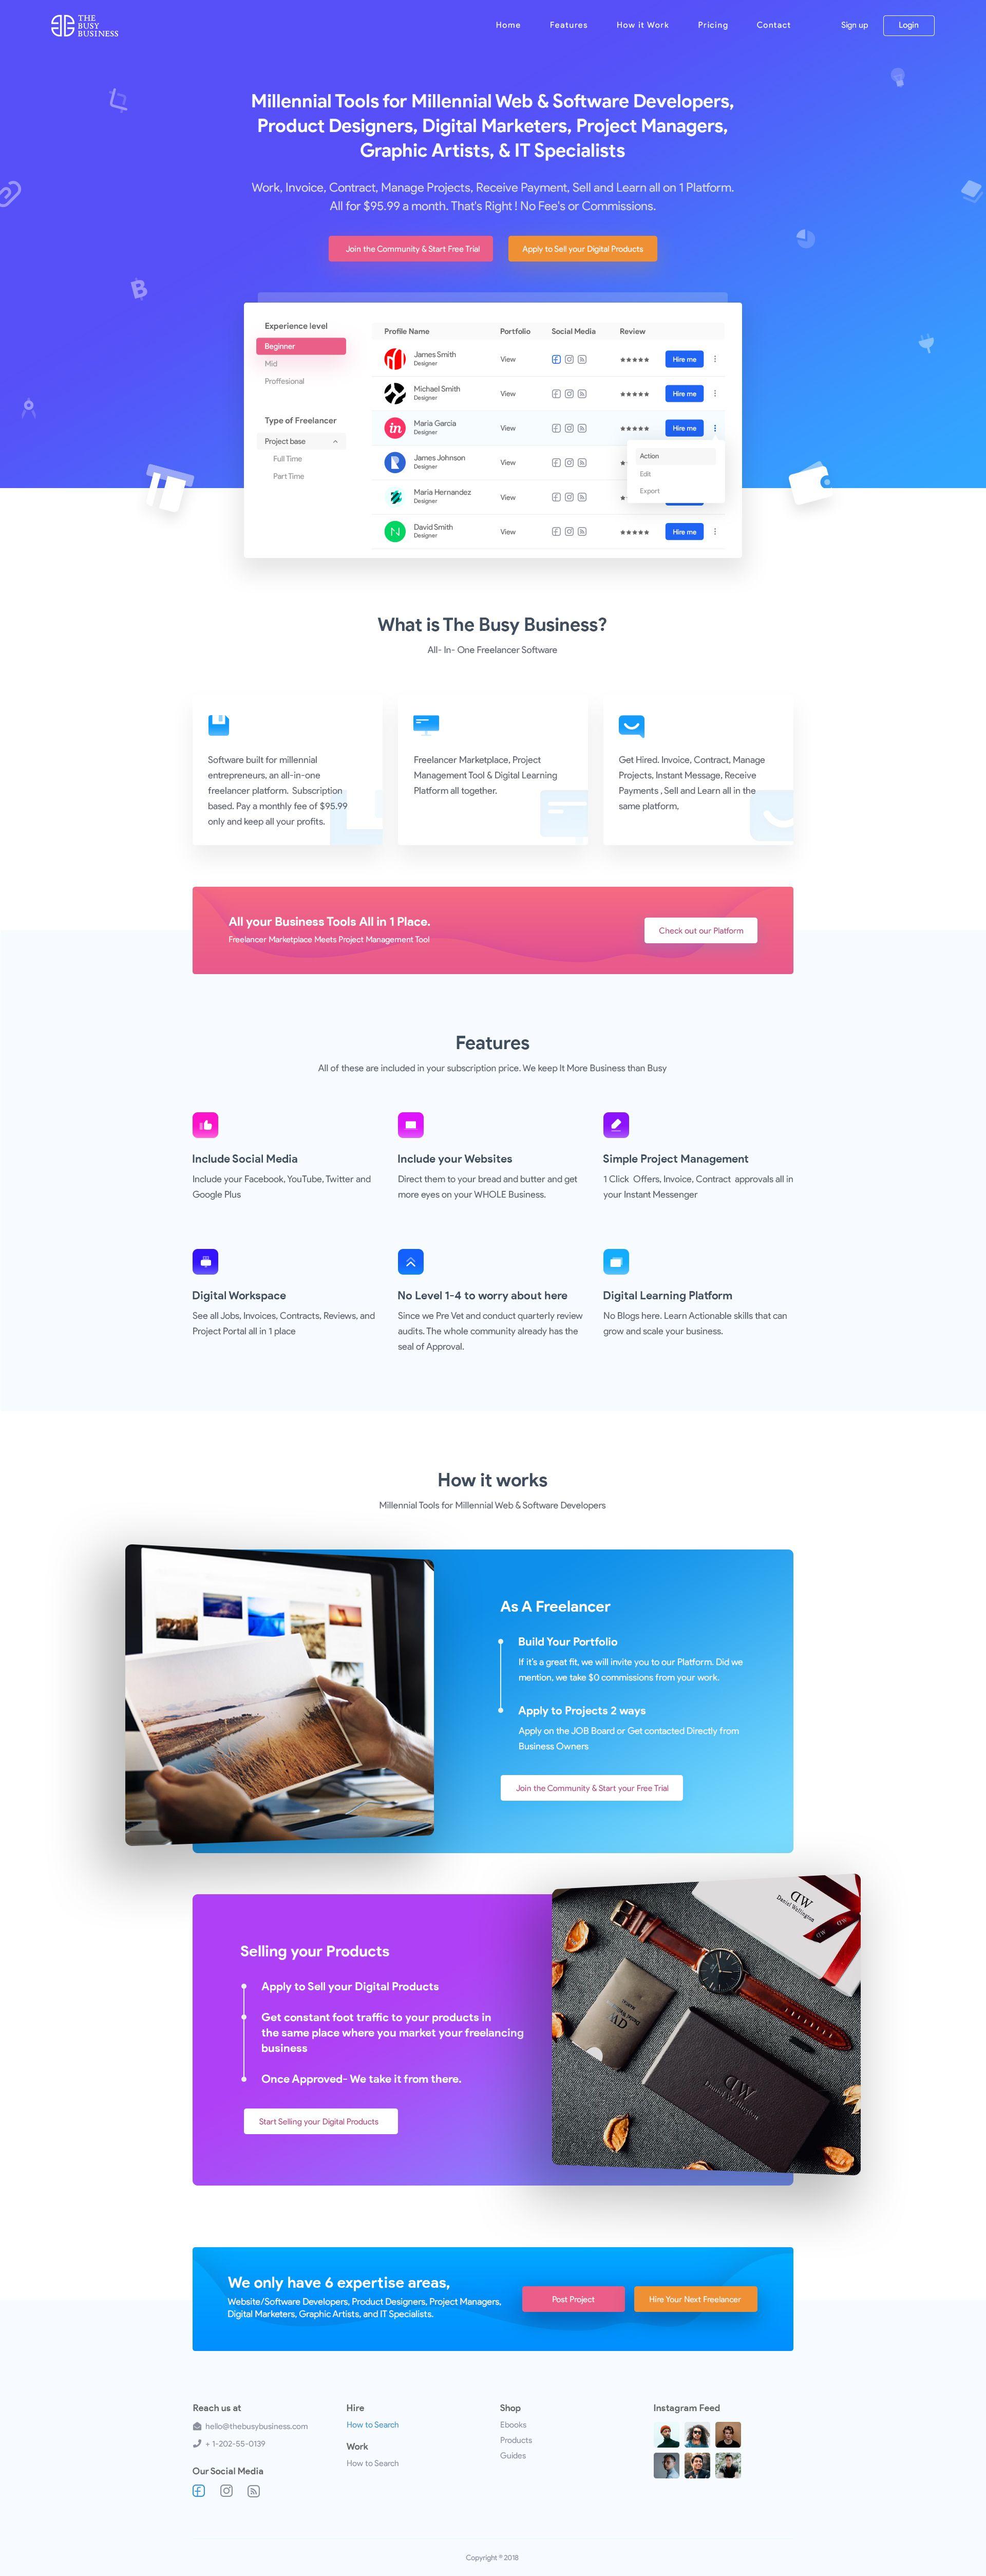 Freelancer Marketplace B2b B2c Website Design Work Page Website Design Website Design Layout Contact Us Page Design